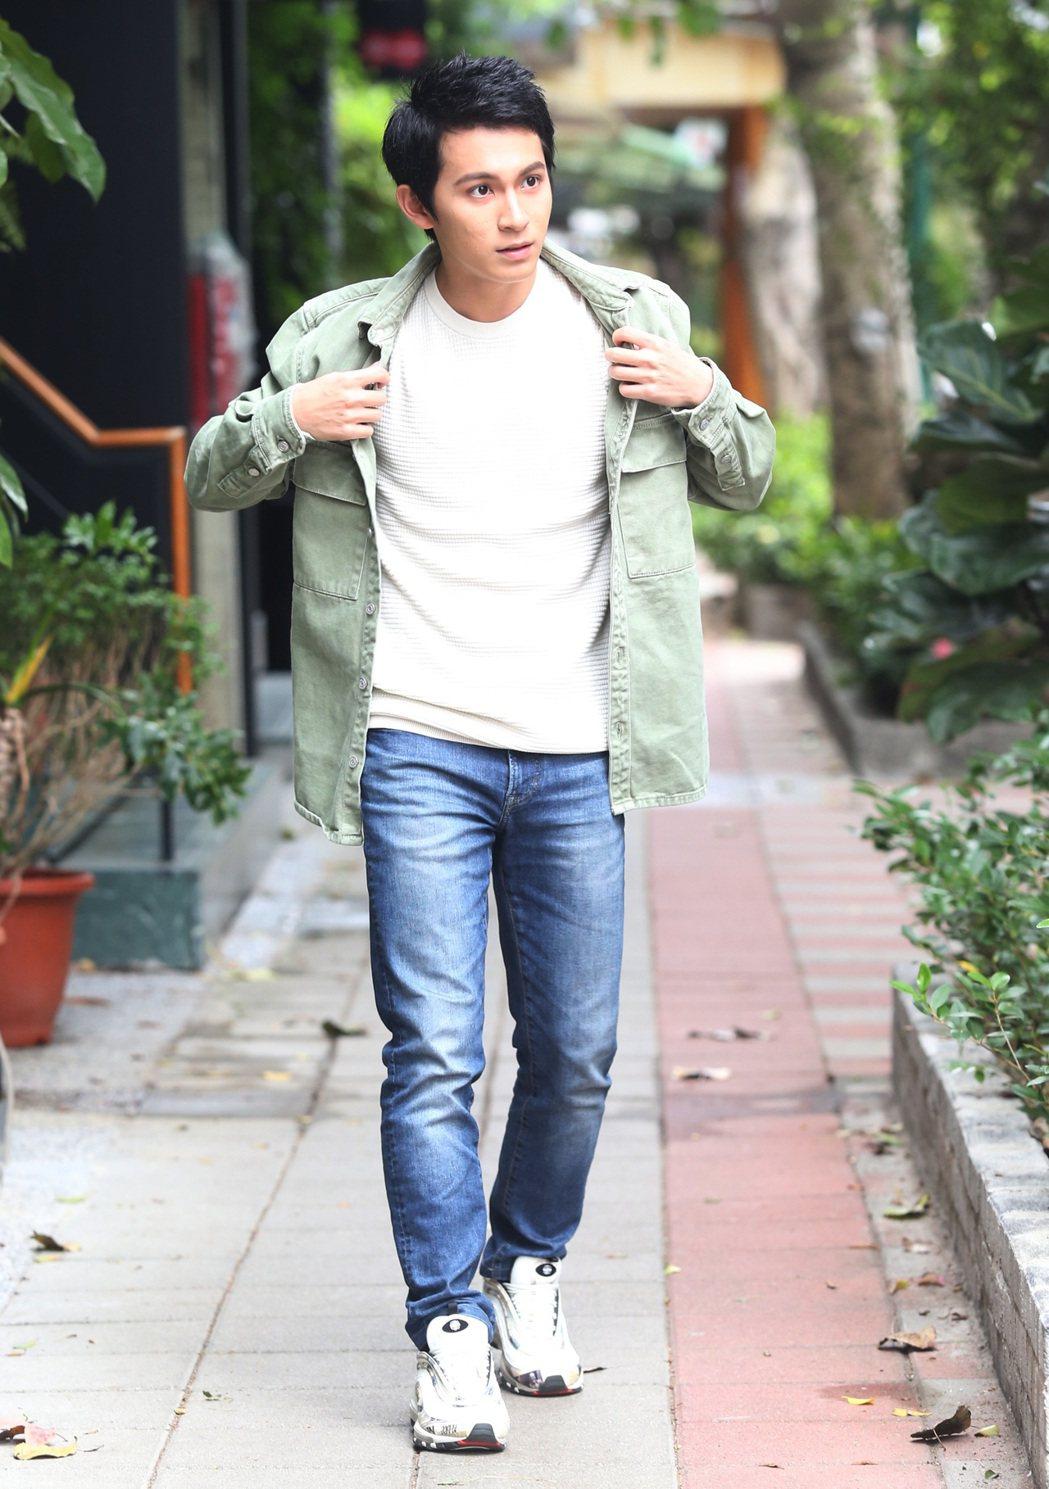 林暉閔演出電影「星空」出道,如今已22歲、即將大學畢業。記者林俊良/攝影